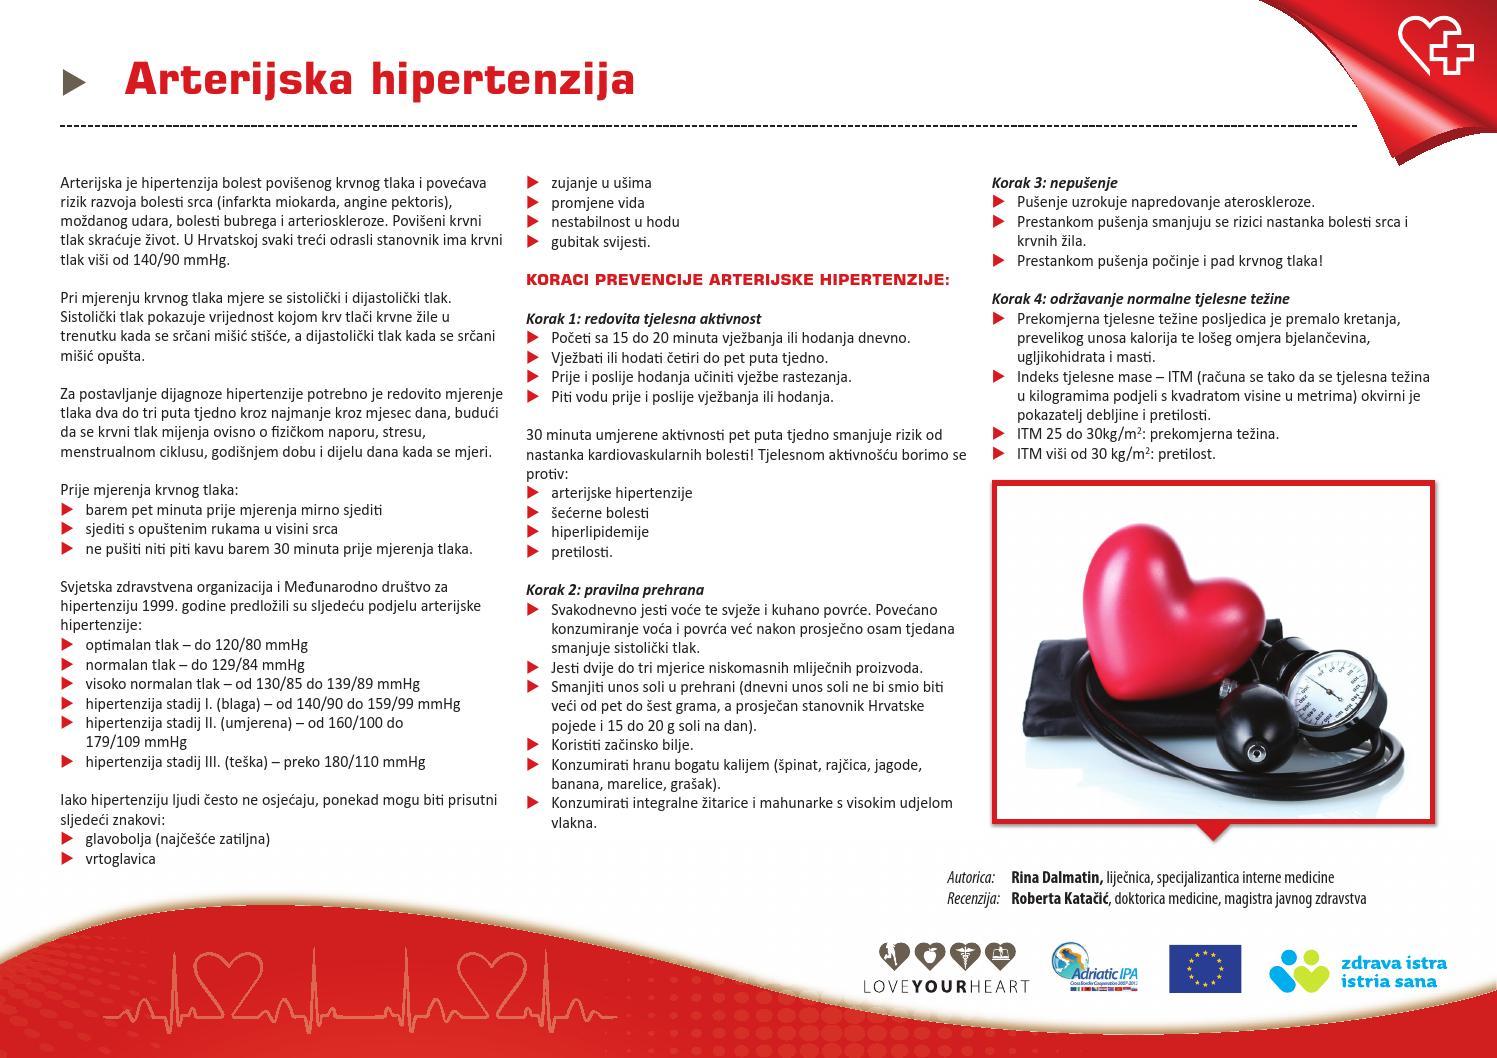 kundalini i hipertenzija